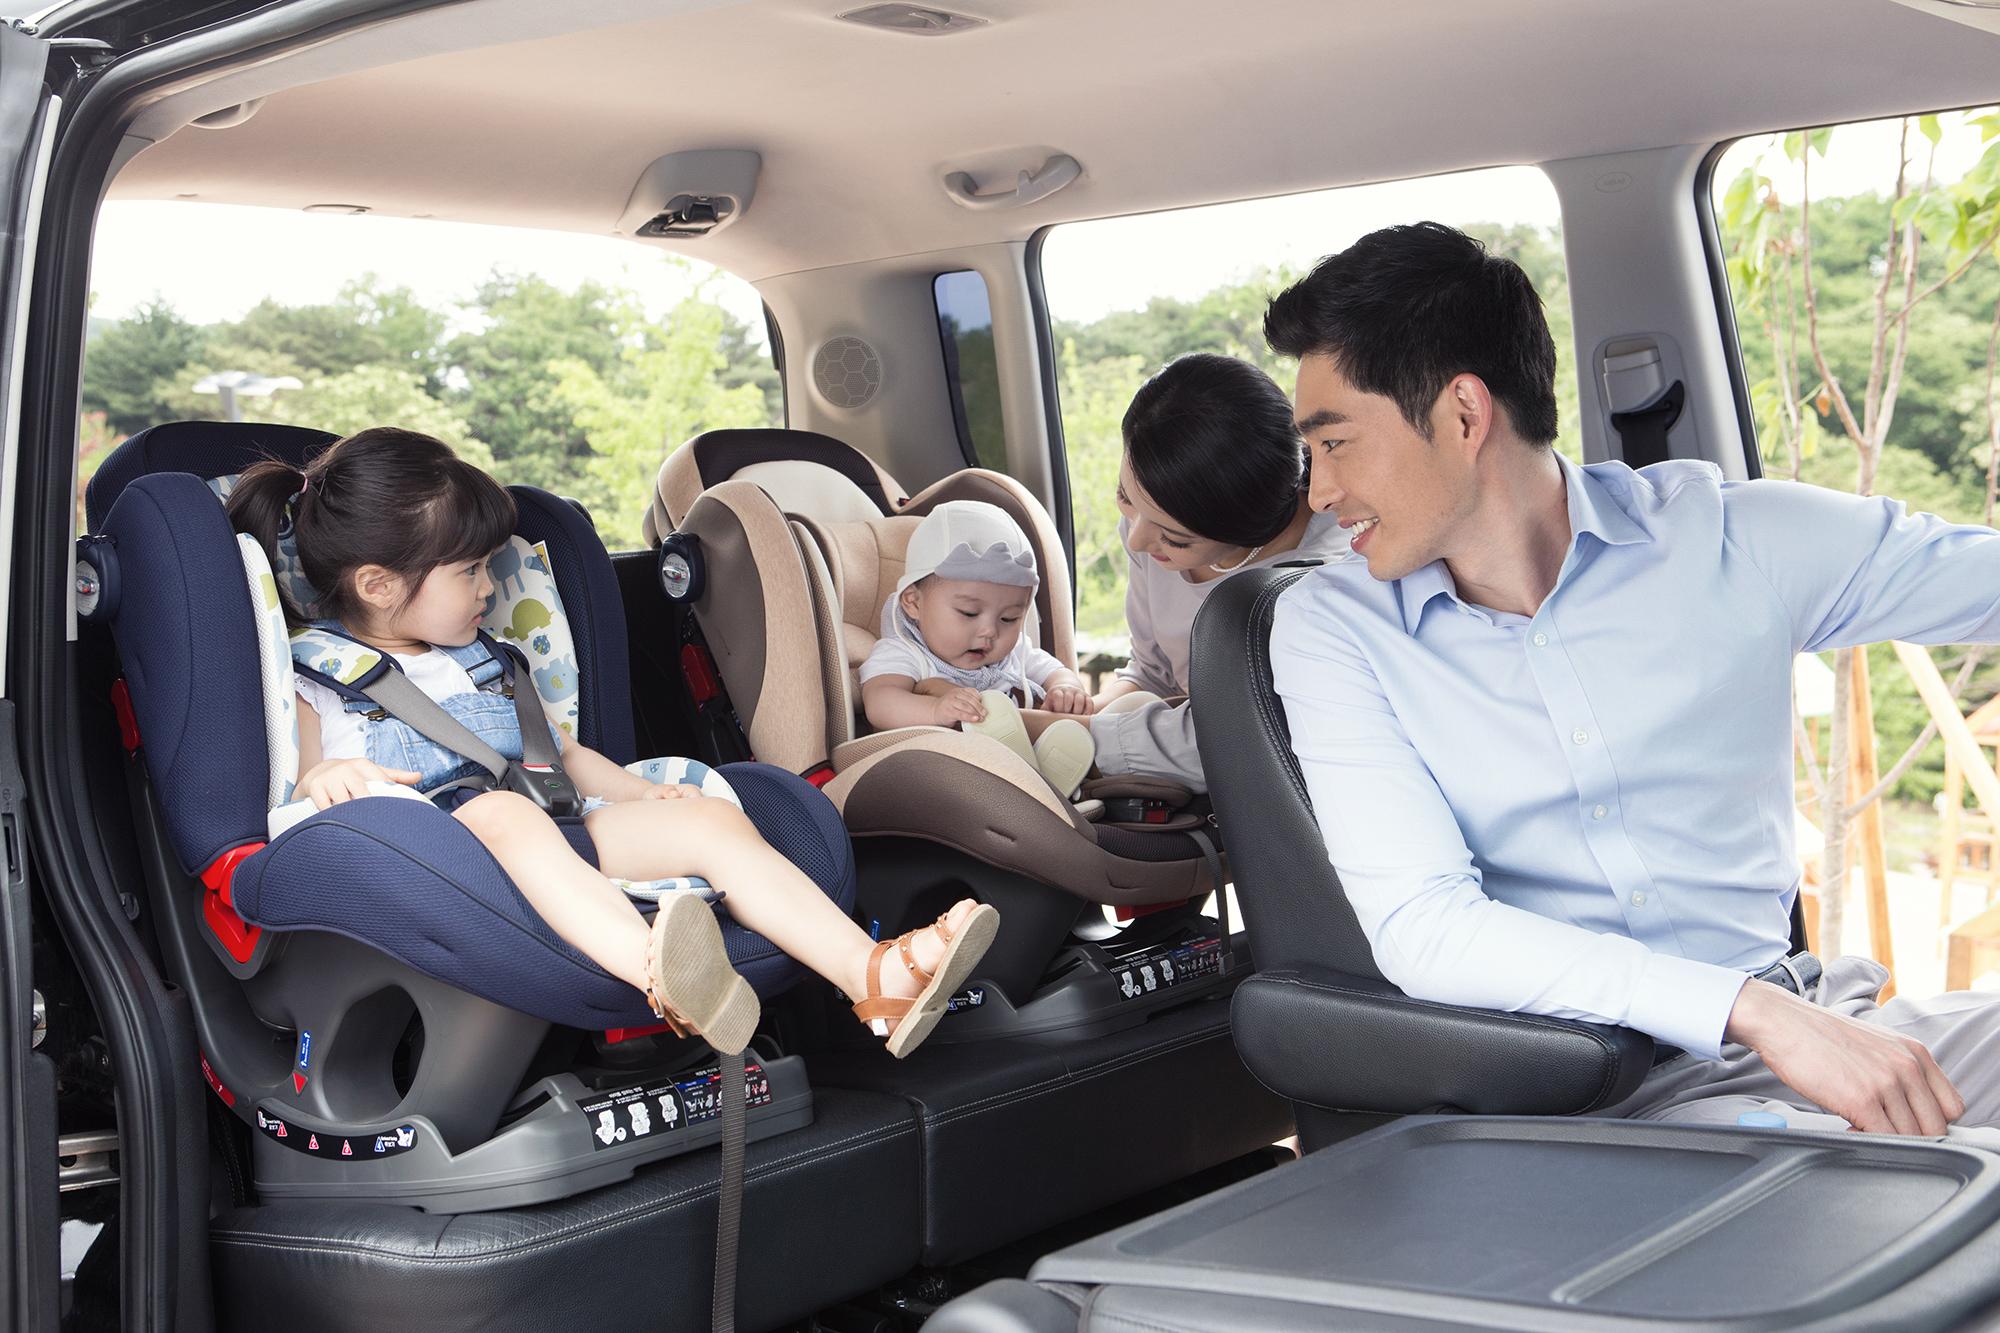 วิธีป้องกันการลืมลูกไว้ในรถ เรื่องสำคัญของพ่อแม่ที่ควรรู้ และต้องระวัง !!